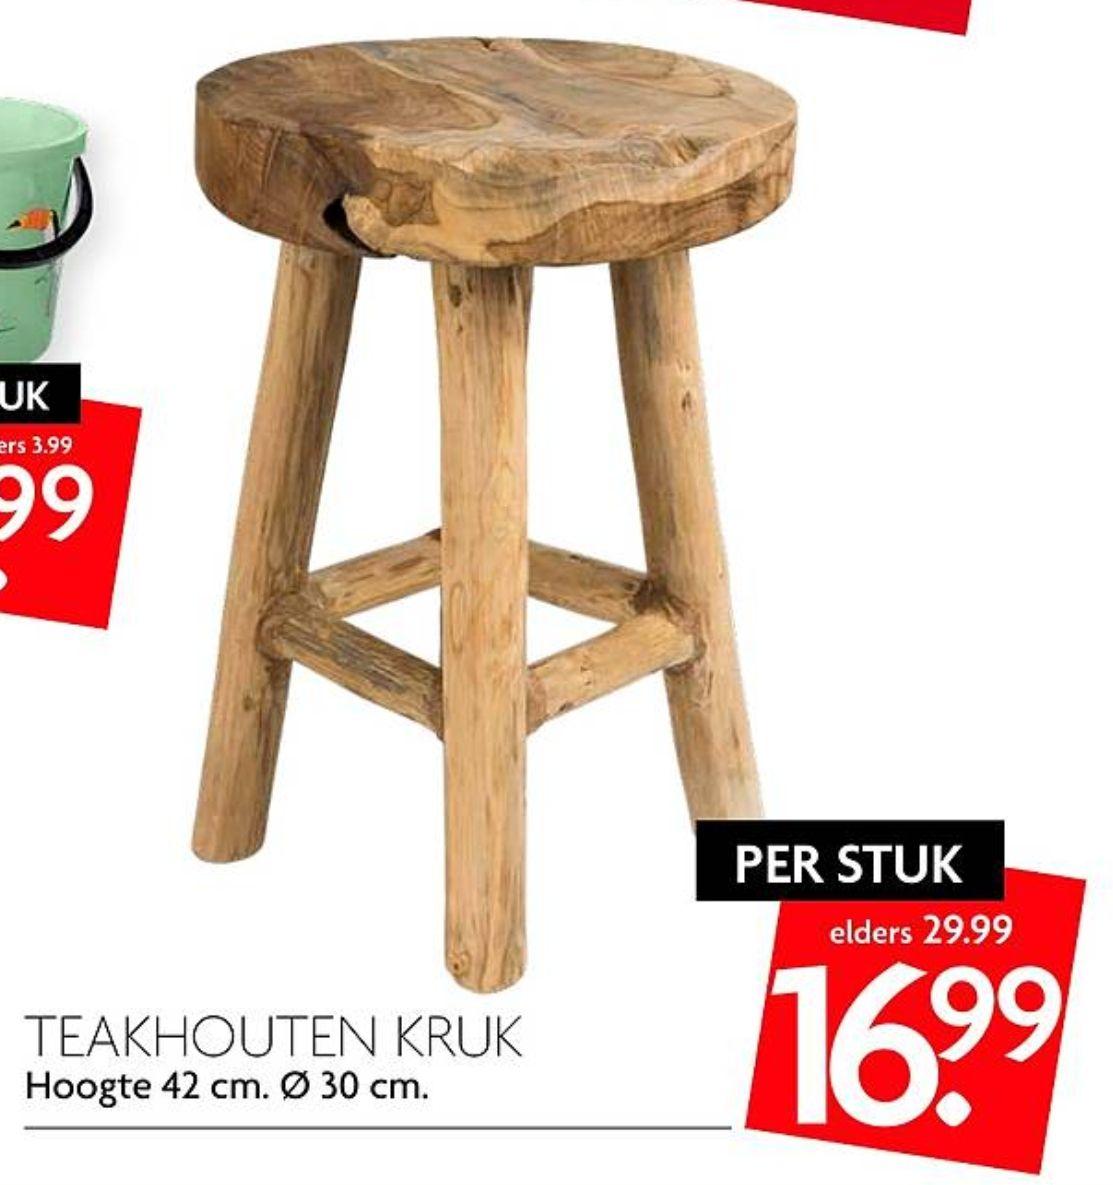 Teakhouten Kruk (elders v.a. €29,99) @DekaMarkt